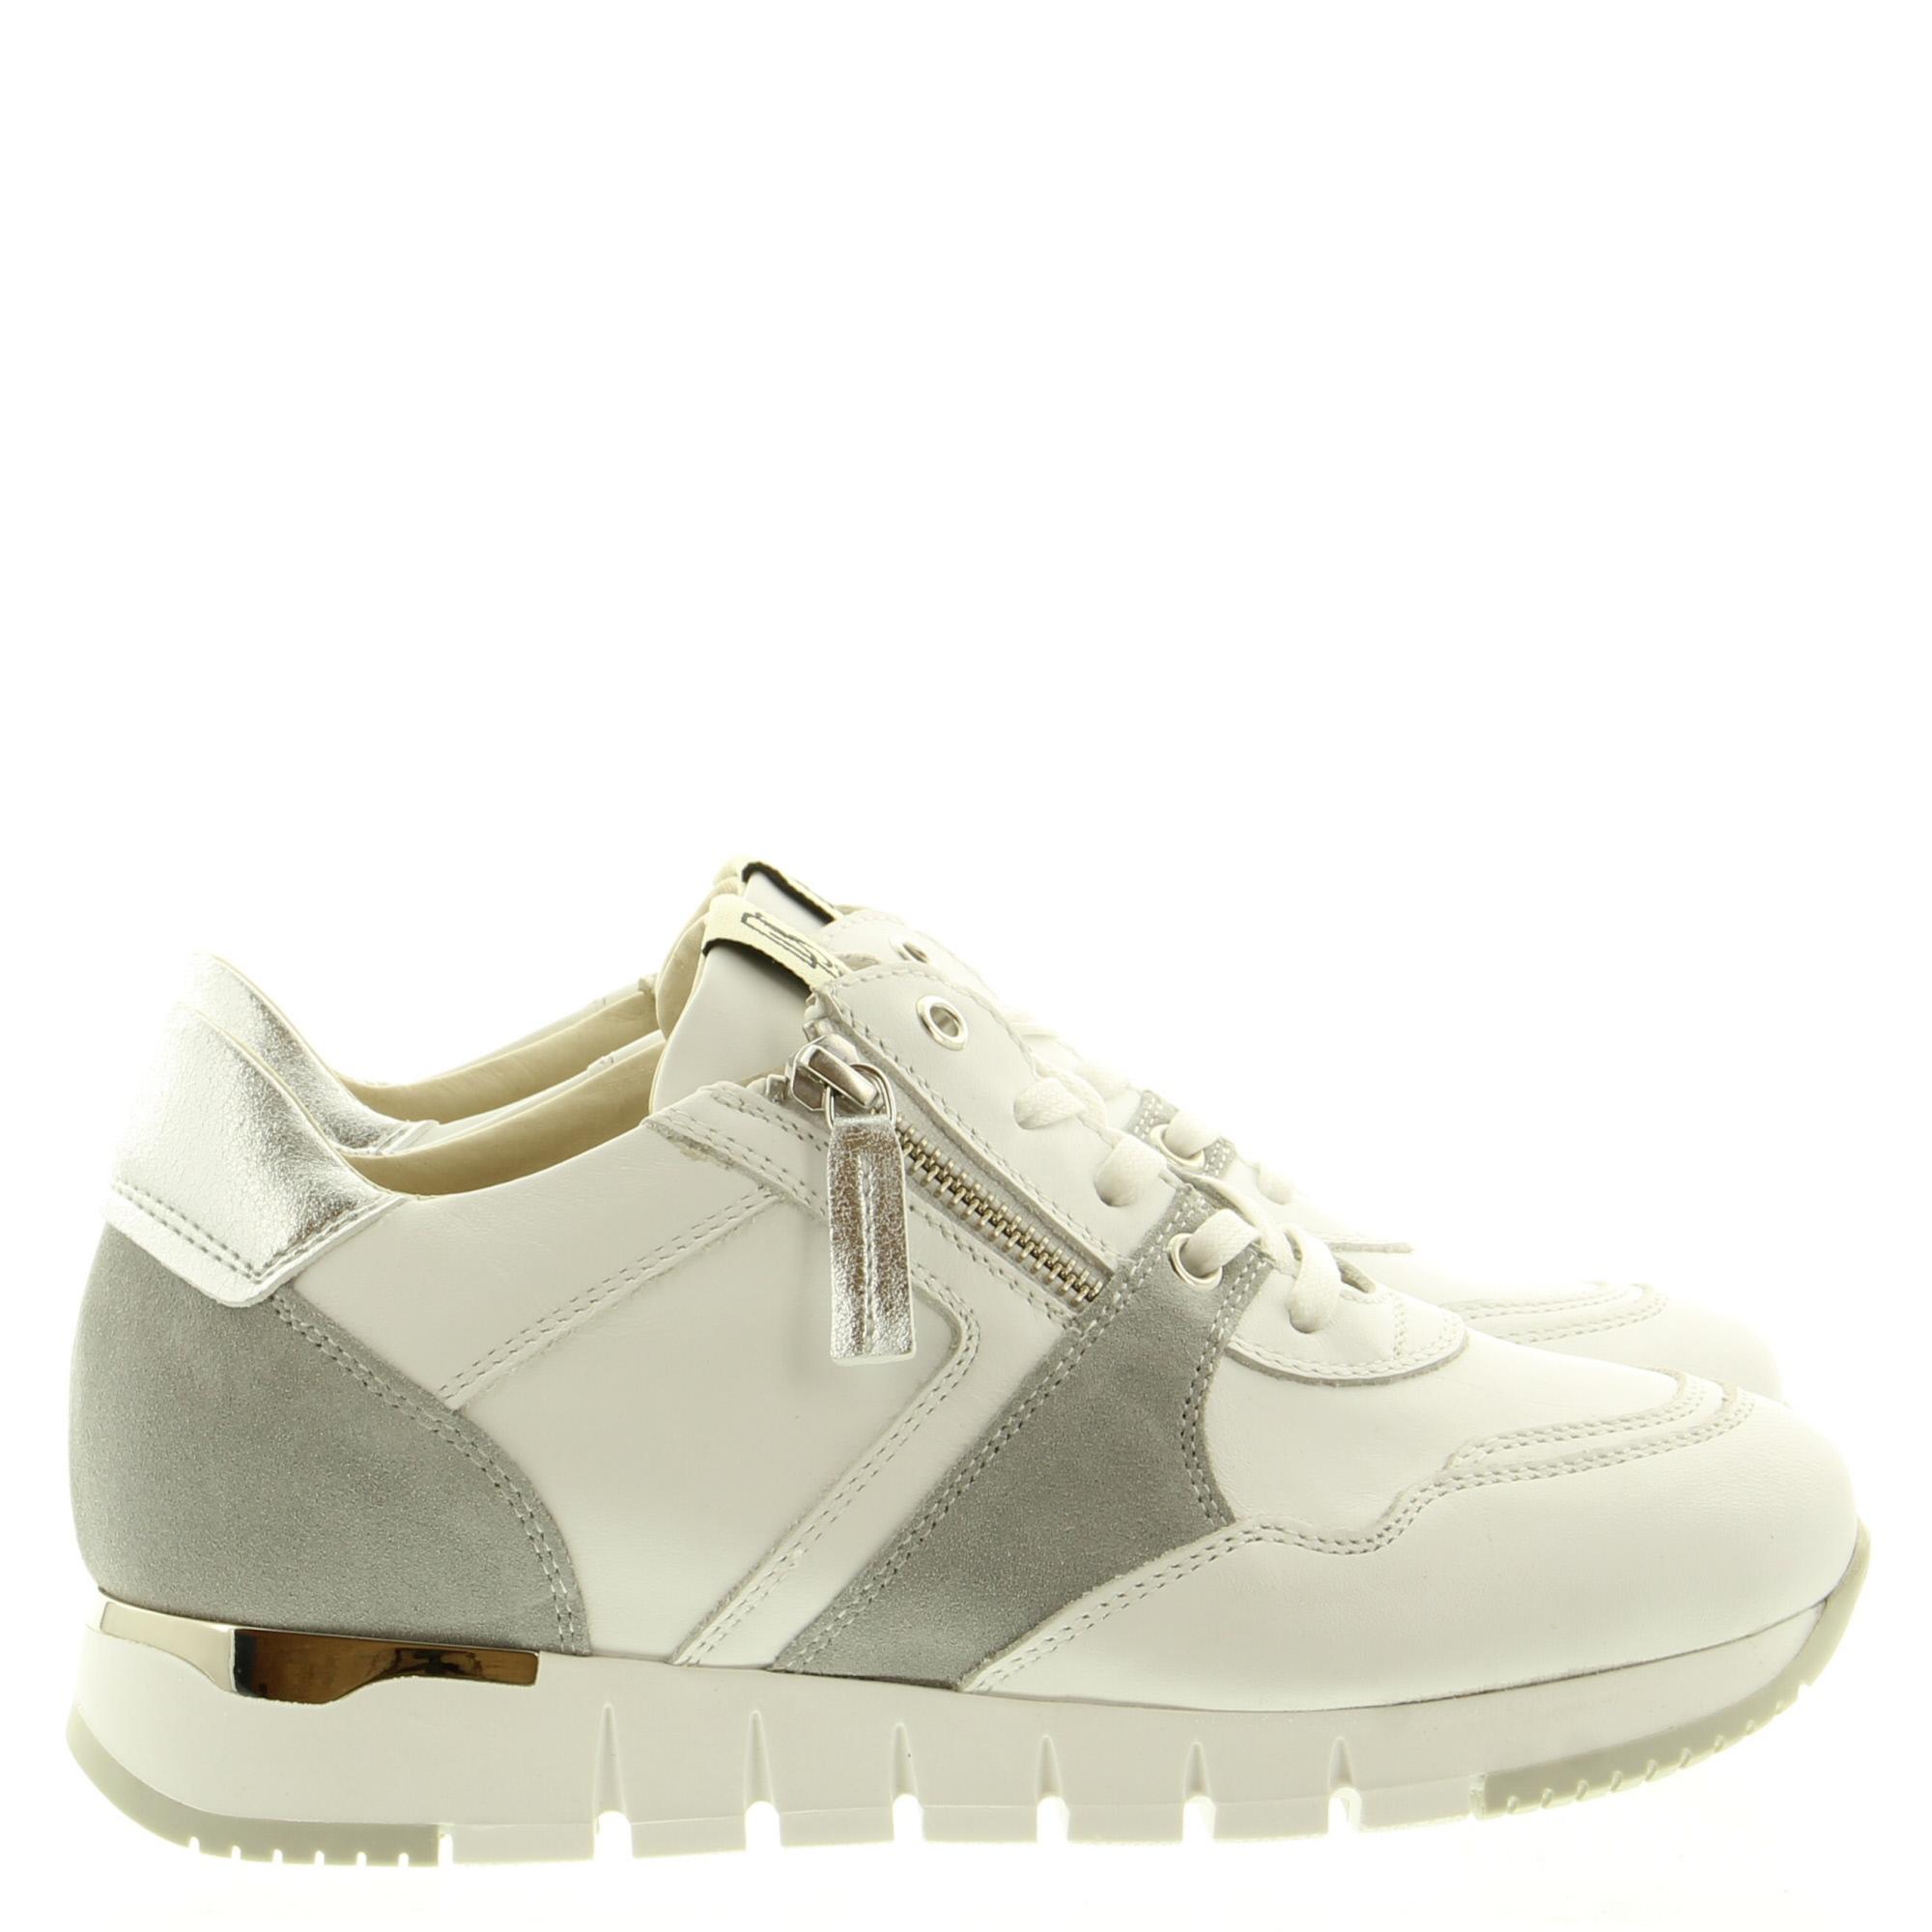 DL Sport 5031 02 bianco